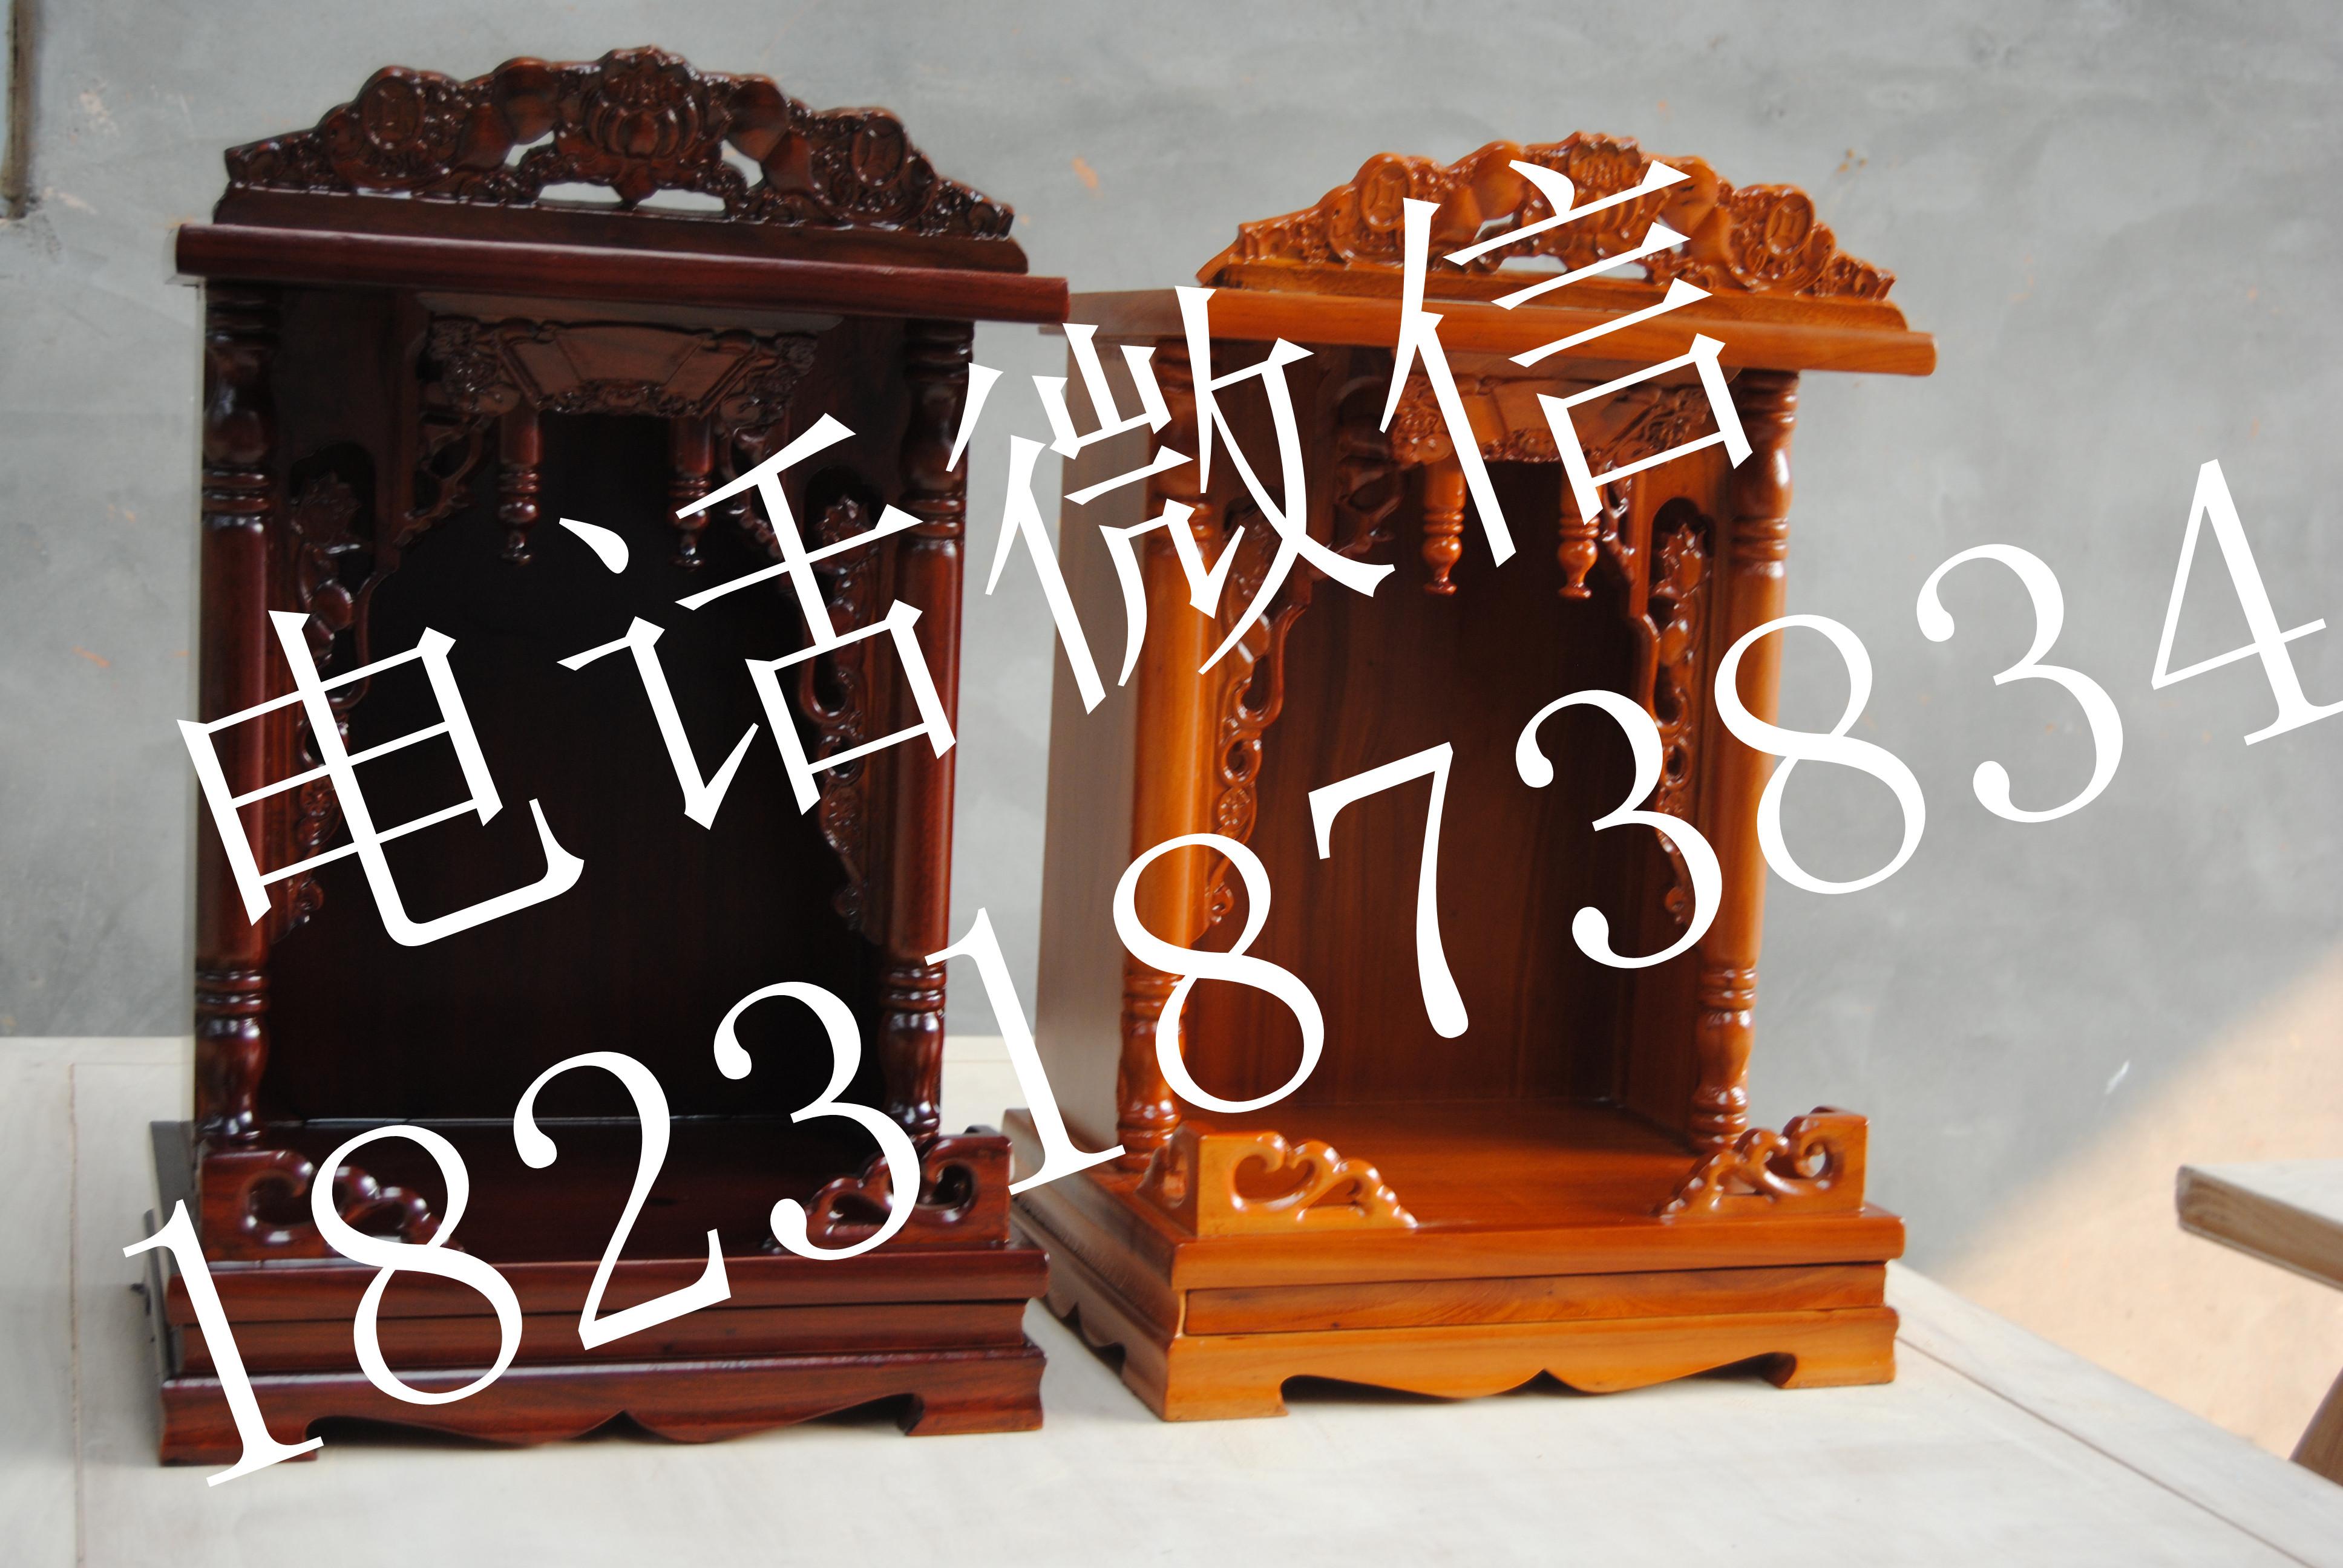 四平公主岭老榆木沙发厂家直销大品牌首选支记牌